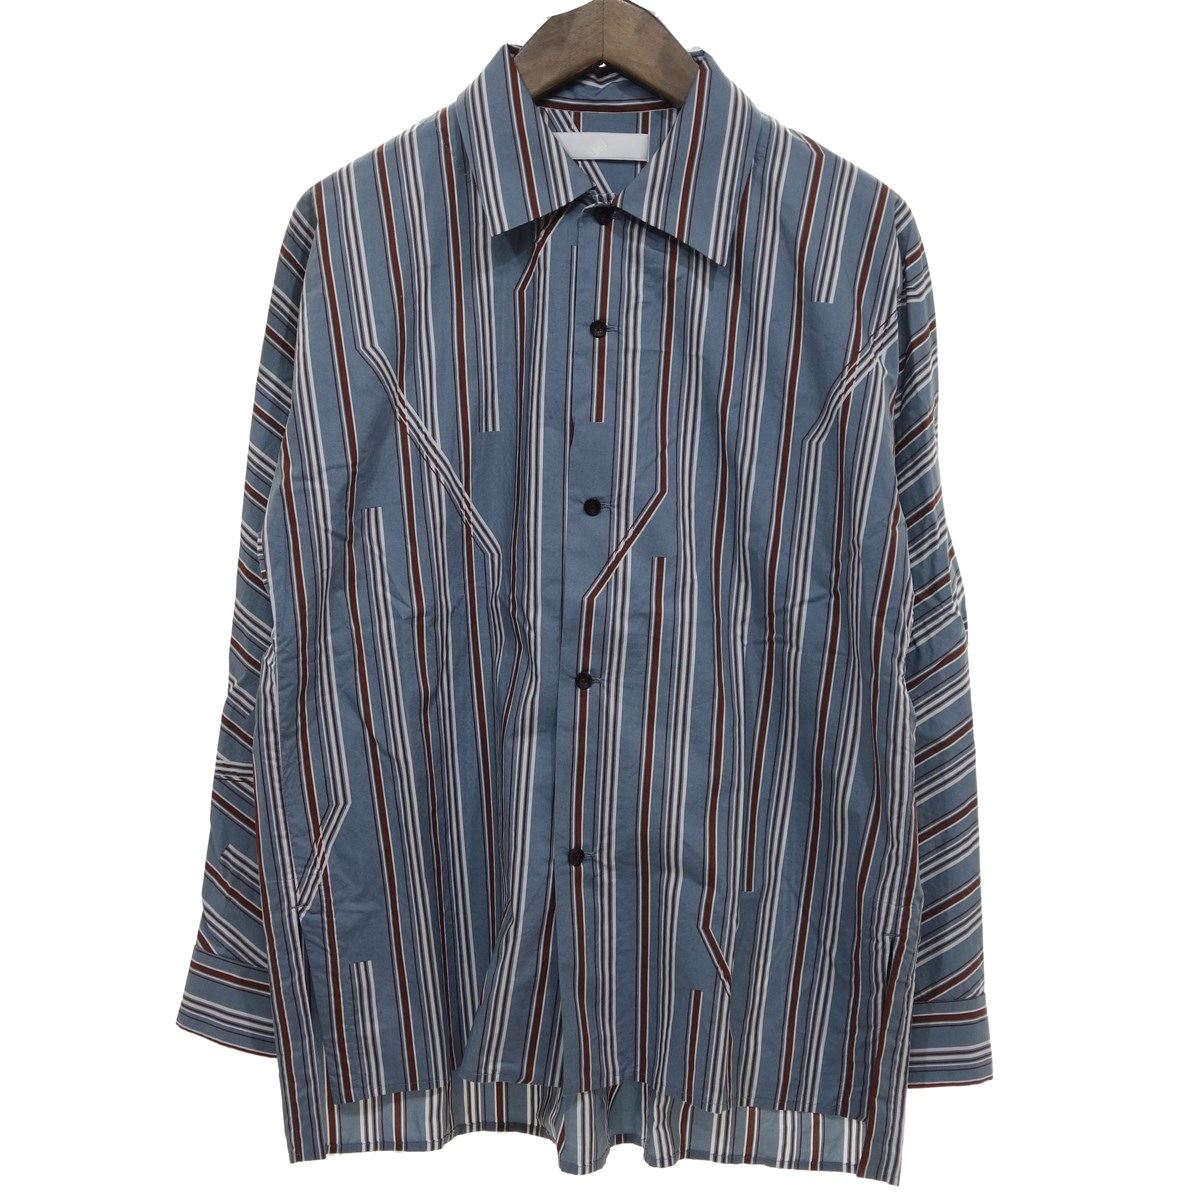 【中古】ETHOSENS 【2019S/S】 TWIST STRIPE SHIRT ストライプシャツ ライトブルー サイズ:1 【280320】(エトセンス)